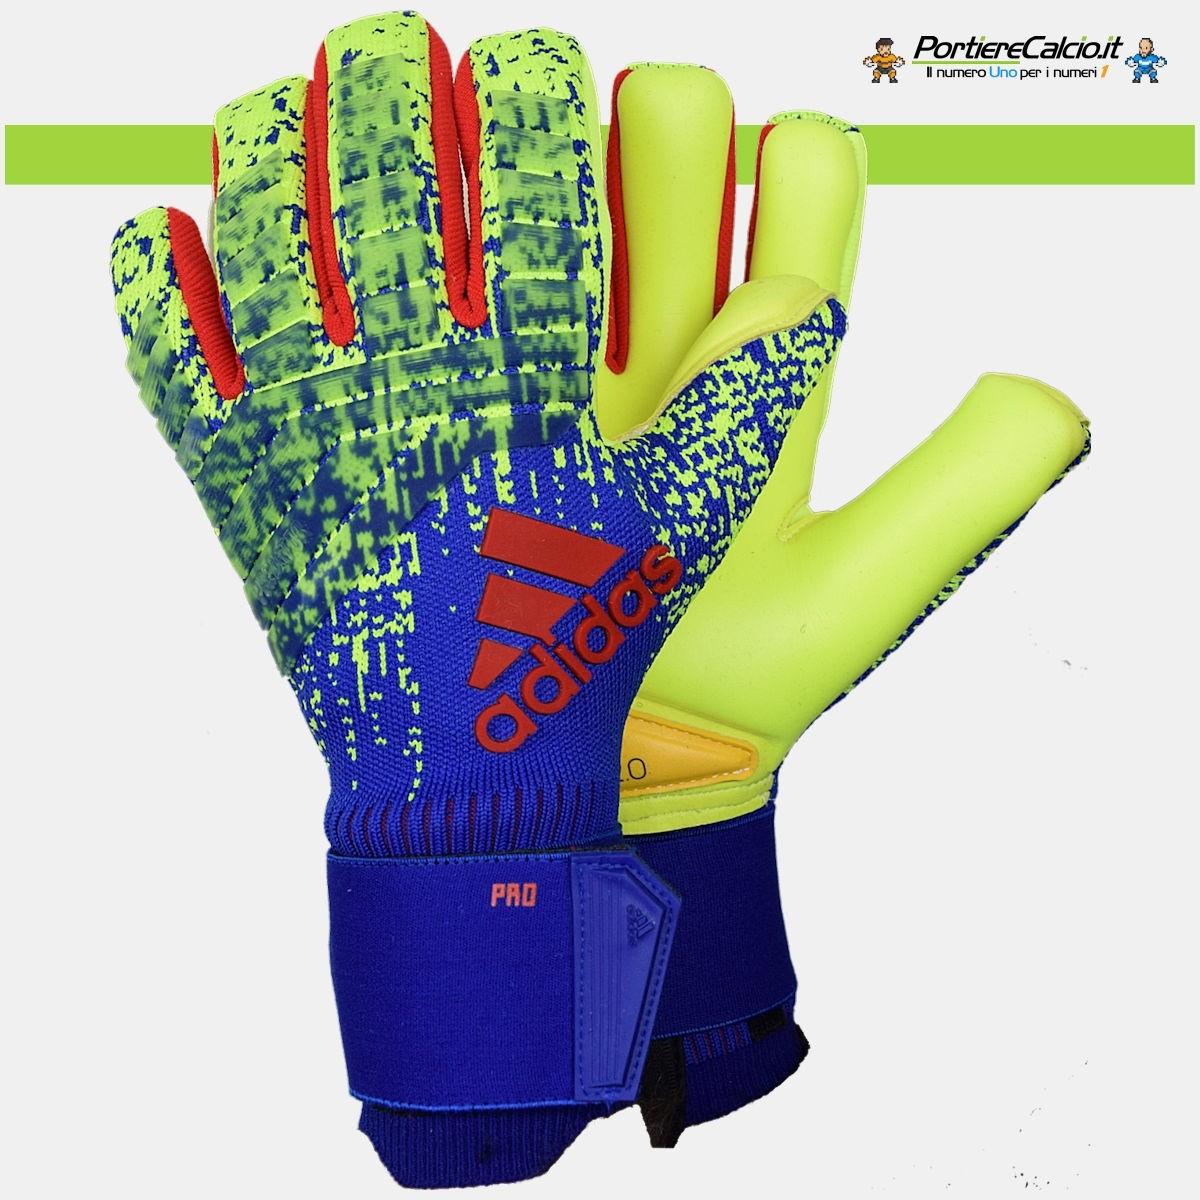 Che guanti da portiere usa Perin? - Il blog di Portierecalcio.it